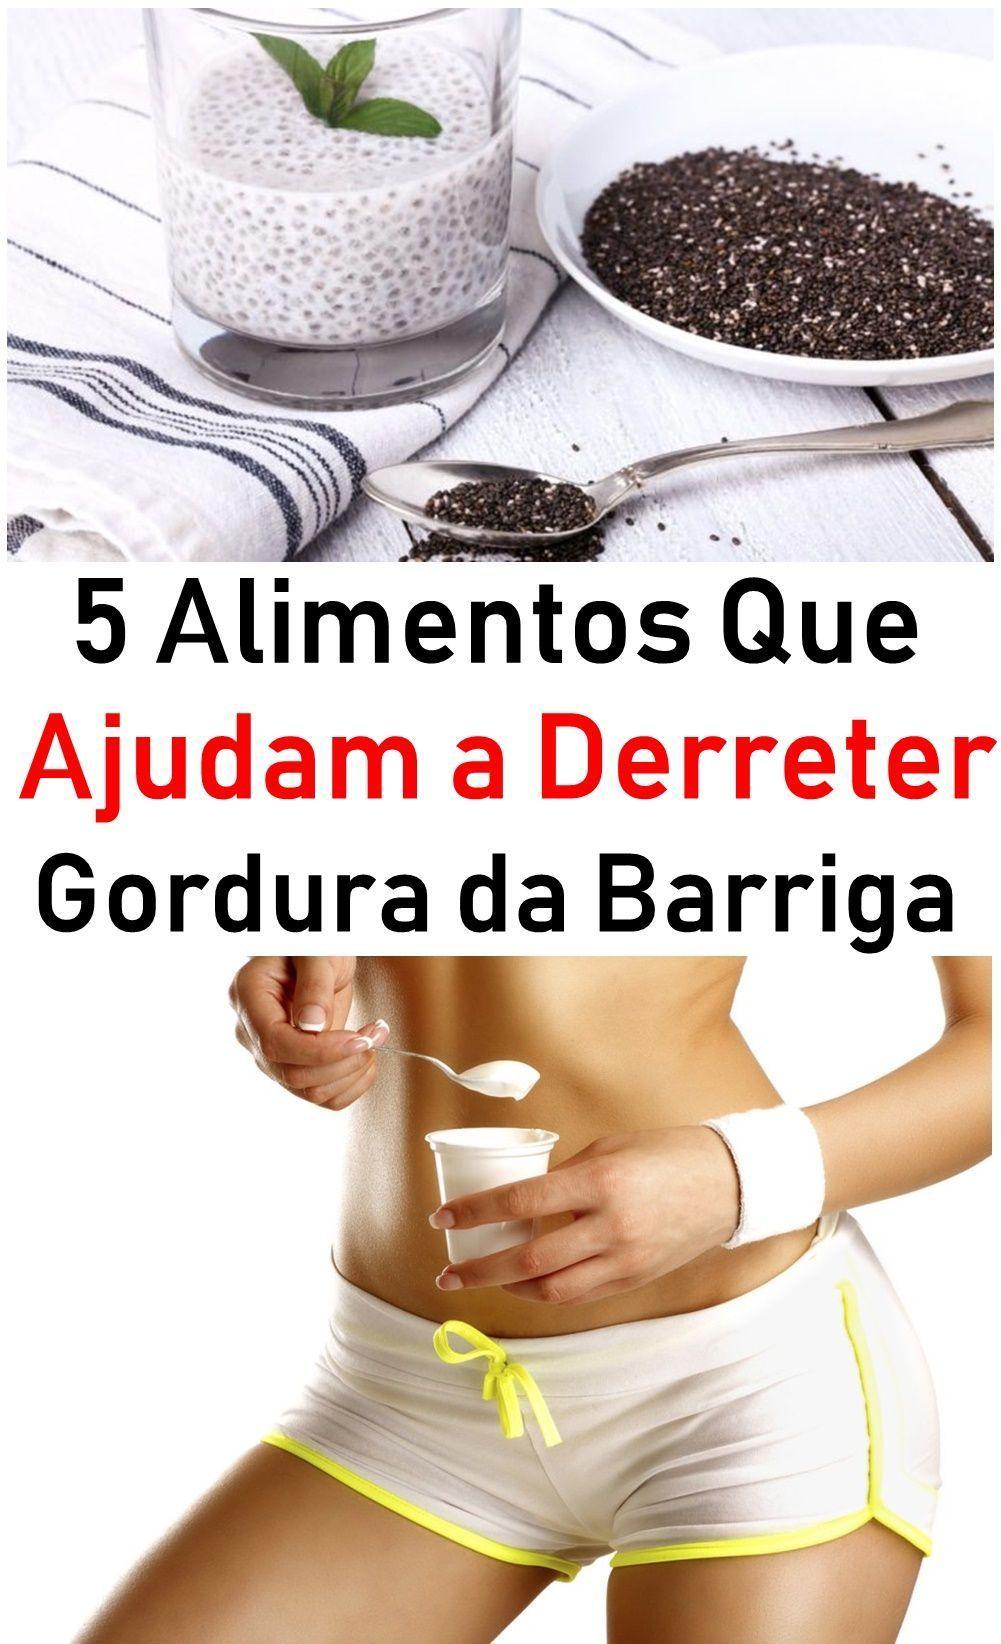 5 Alimentos Saudaveis Que Ajudam A Queimar Gordura Gordura